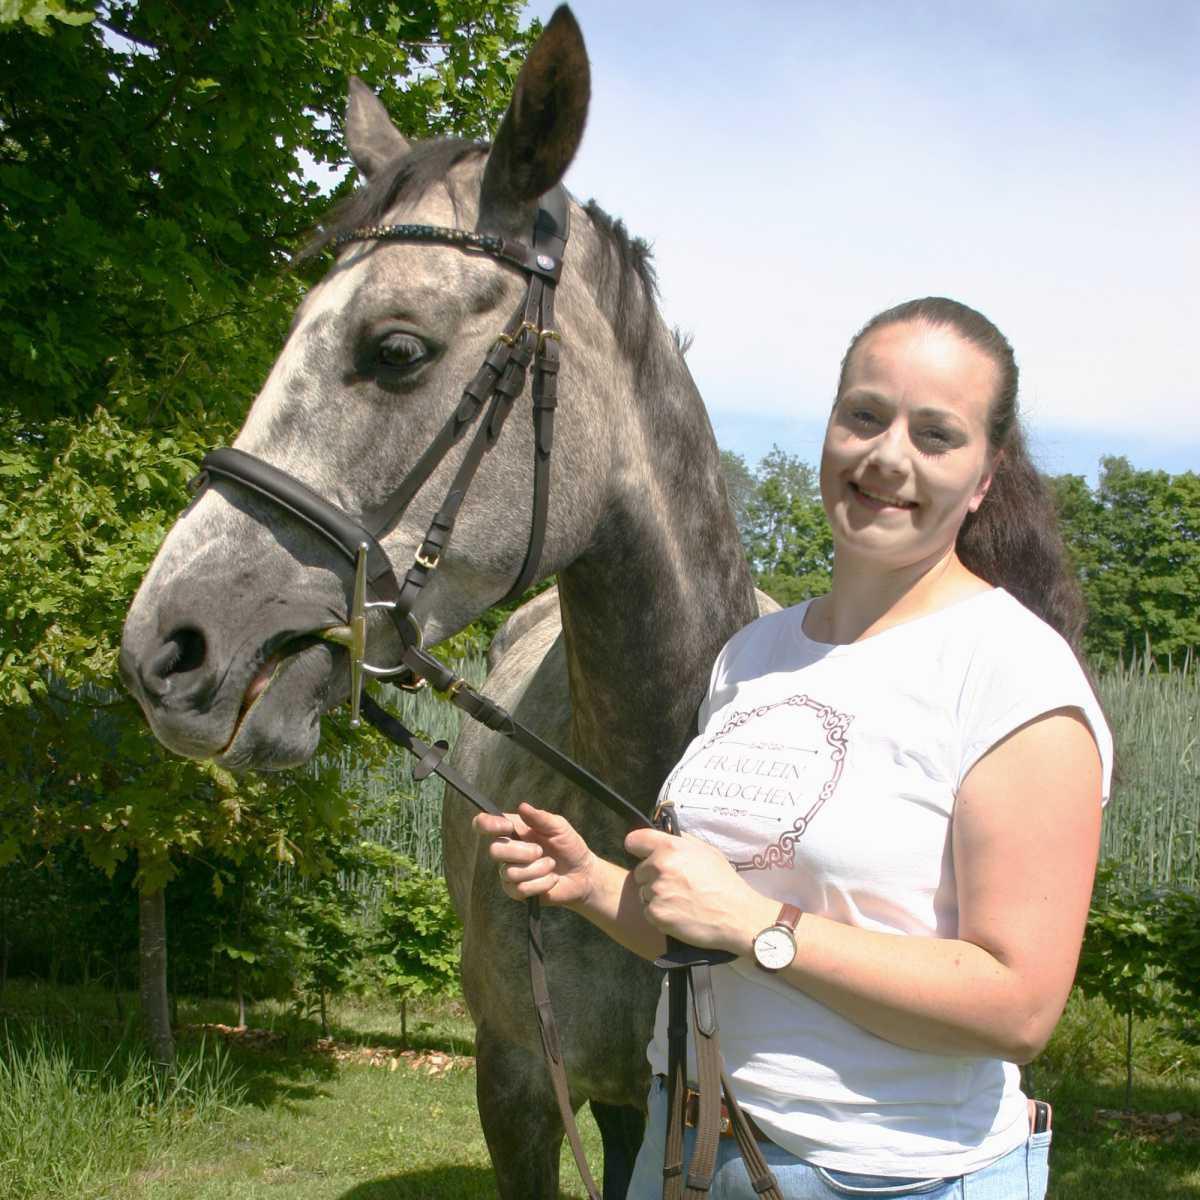 Ein Pferdefräulein stellt sich vor